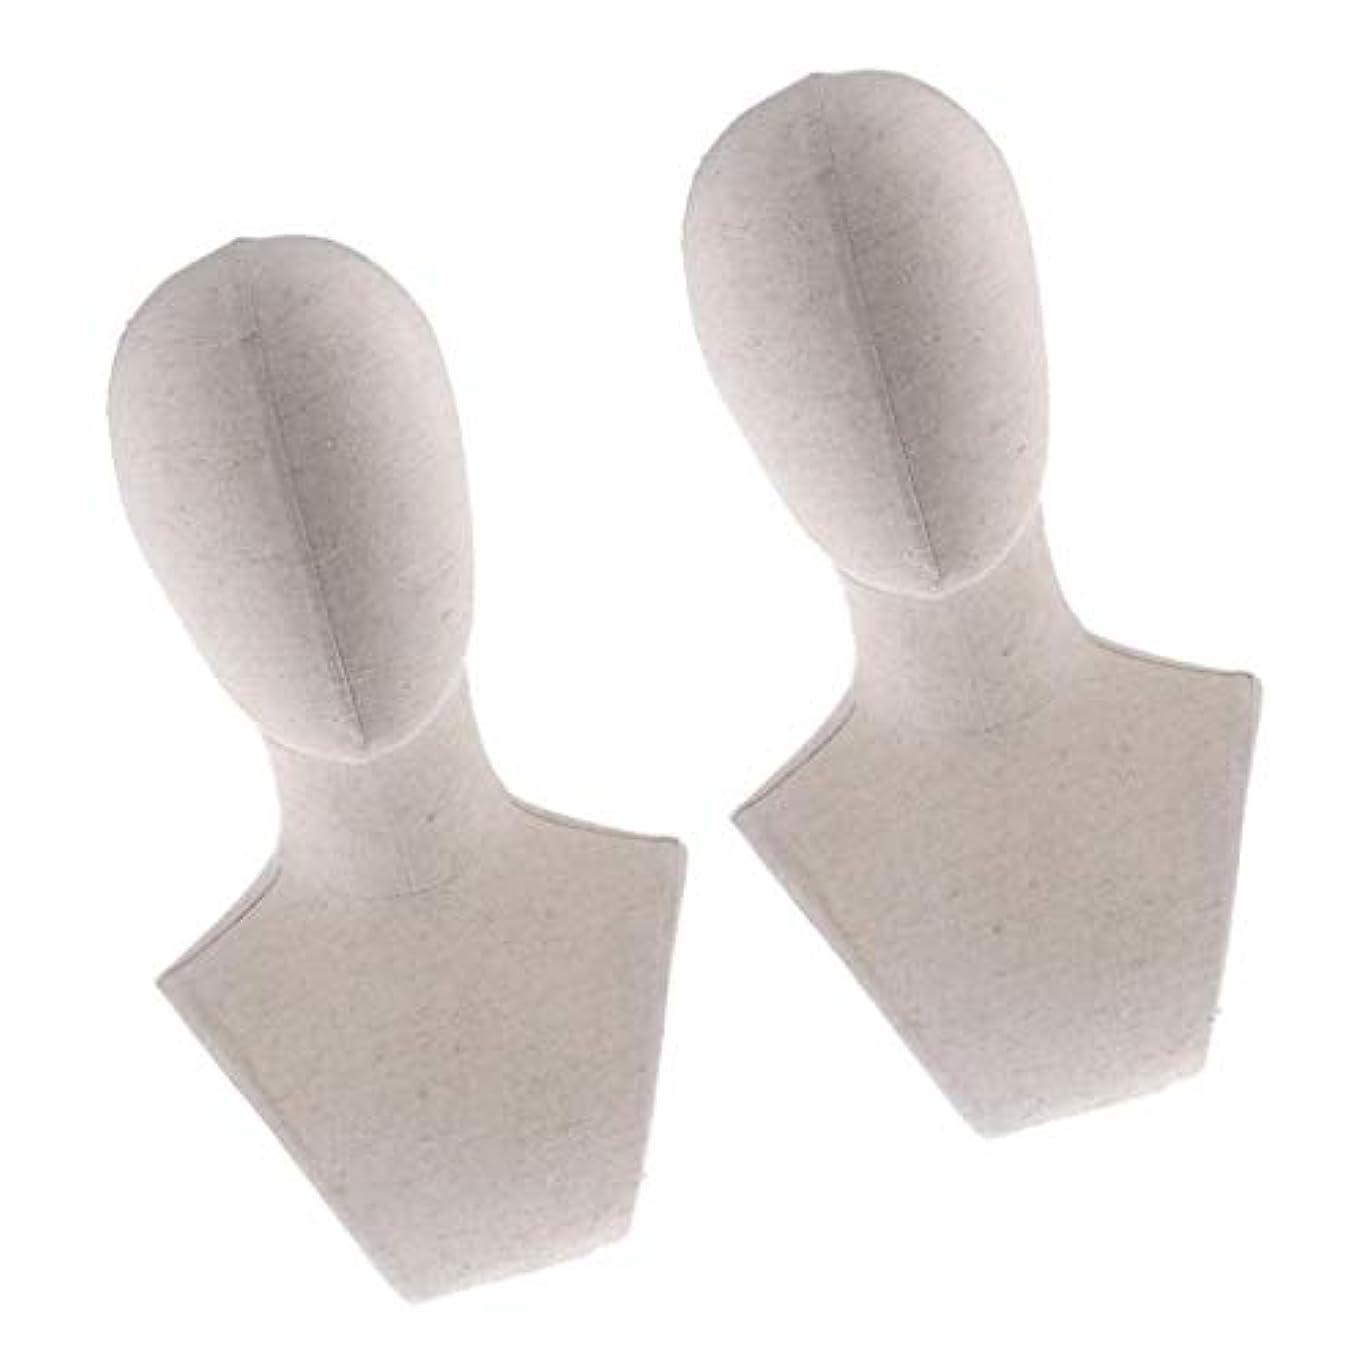 解放奇跡盗賊DYNWAVE プラスチック マネキン ヘッド トルソー 頭 カット練習 頭部 女性 ウィッグマネキン ウィッグスタンド2個